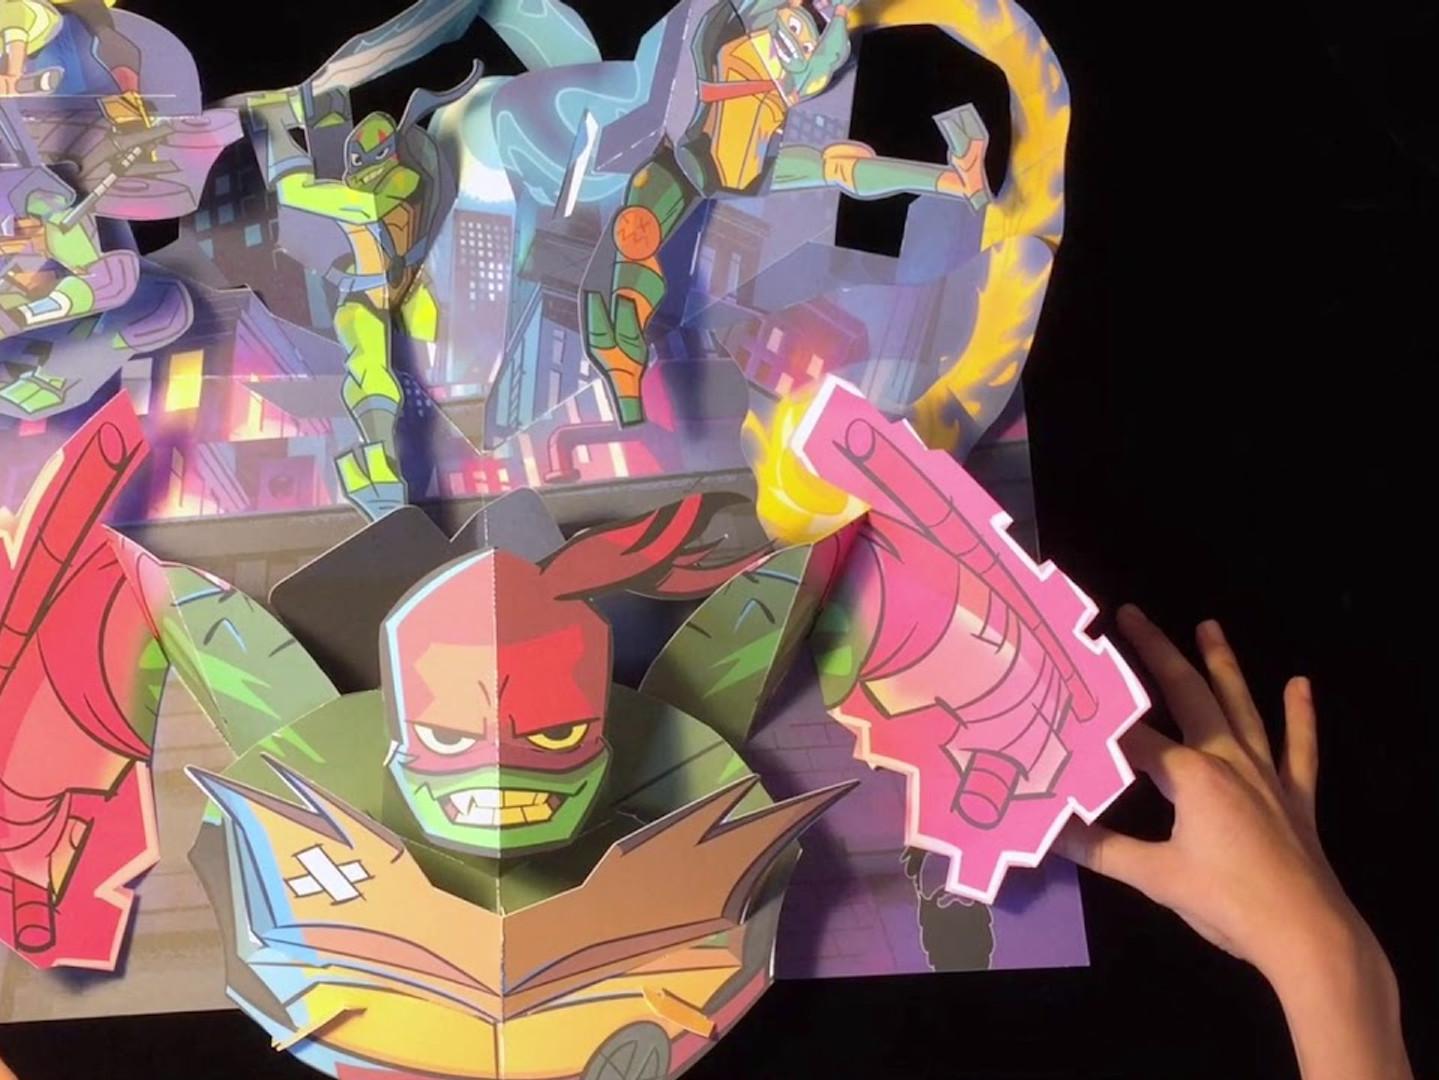 Rise of the Teenage Mutant Ninja Turtles Pop-Up Press Kit